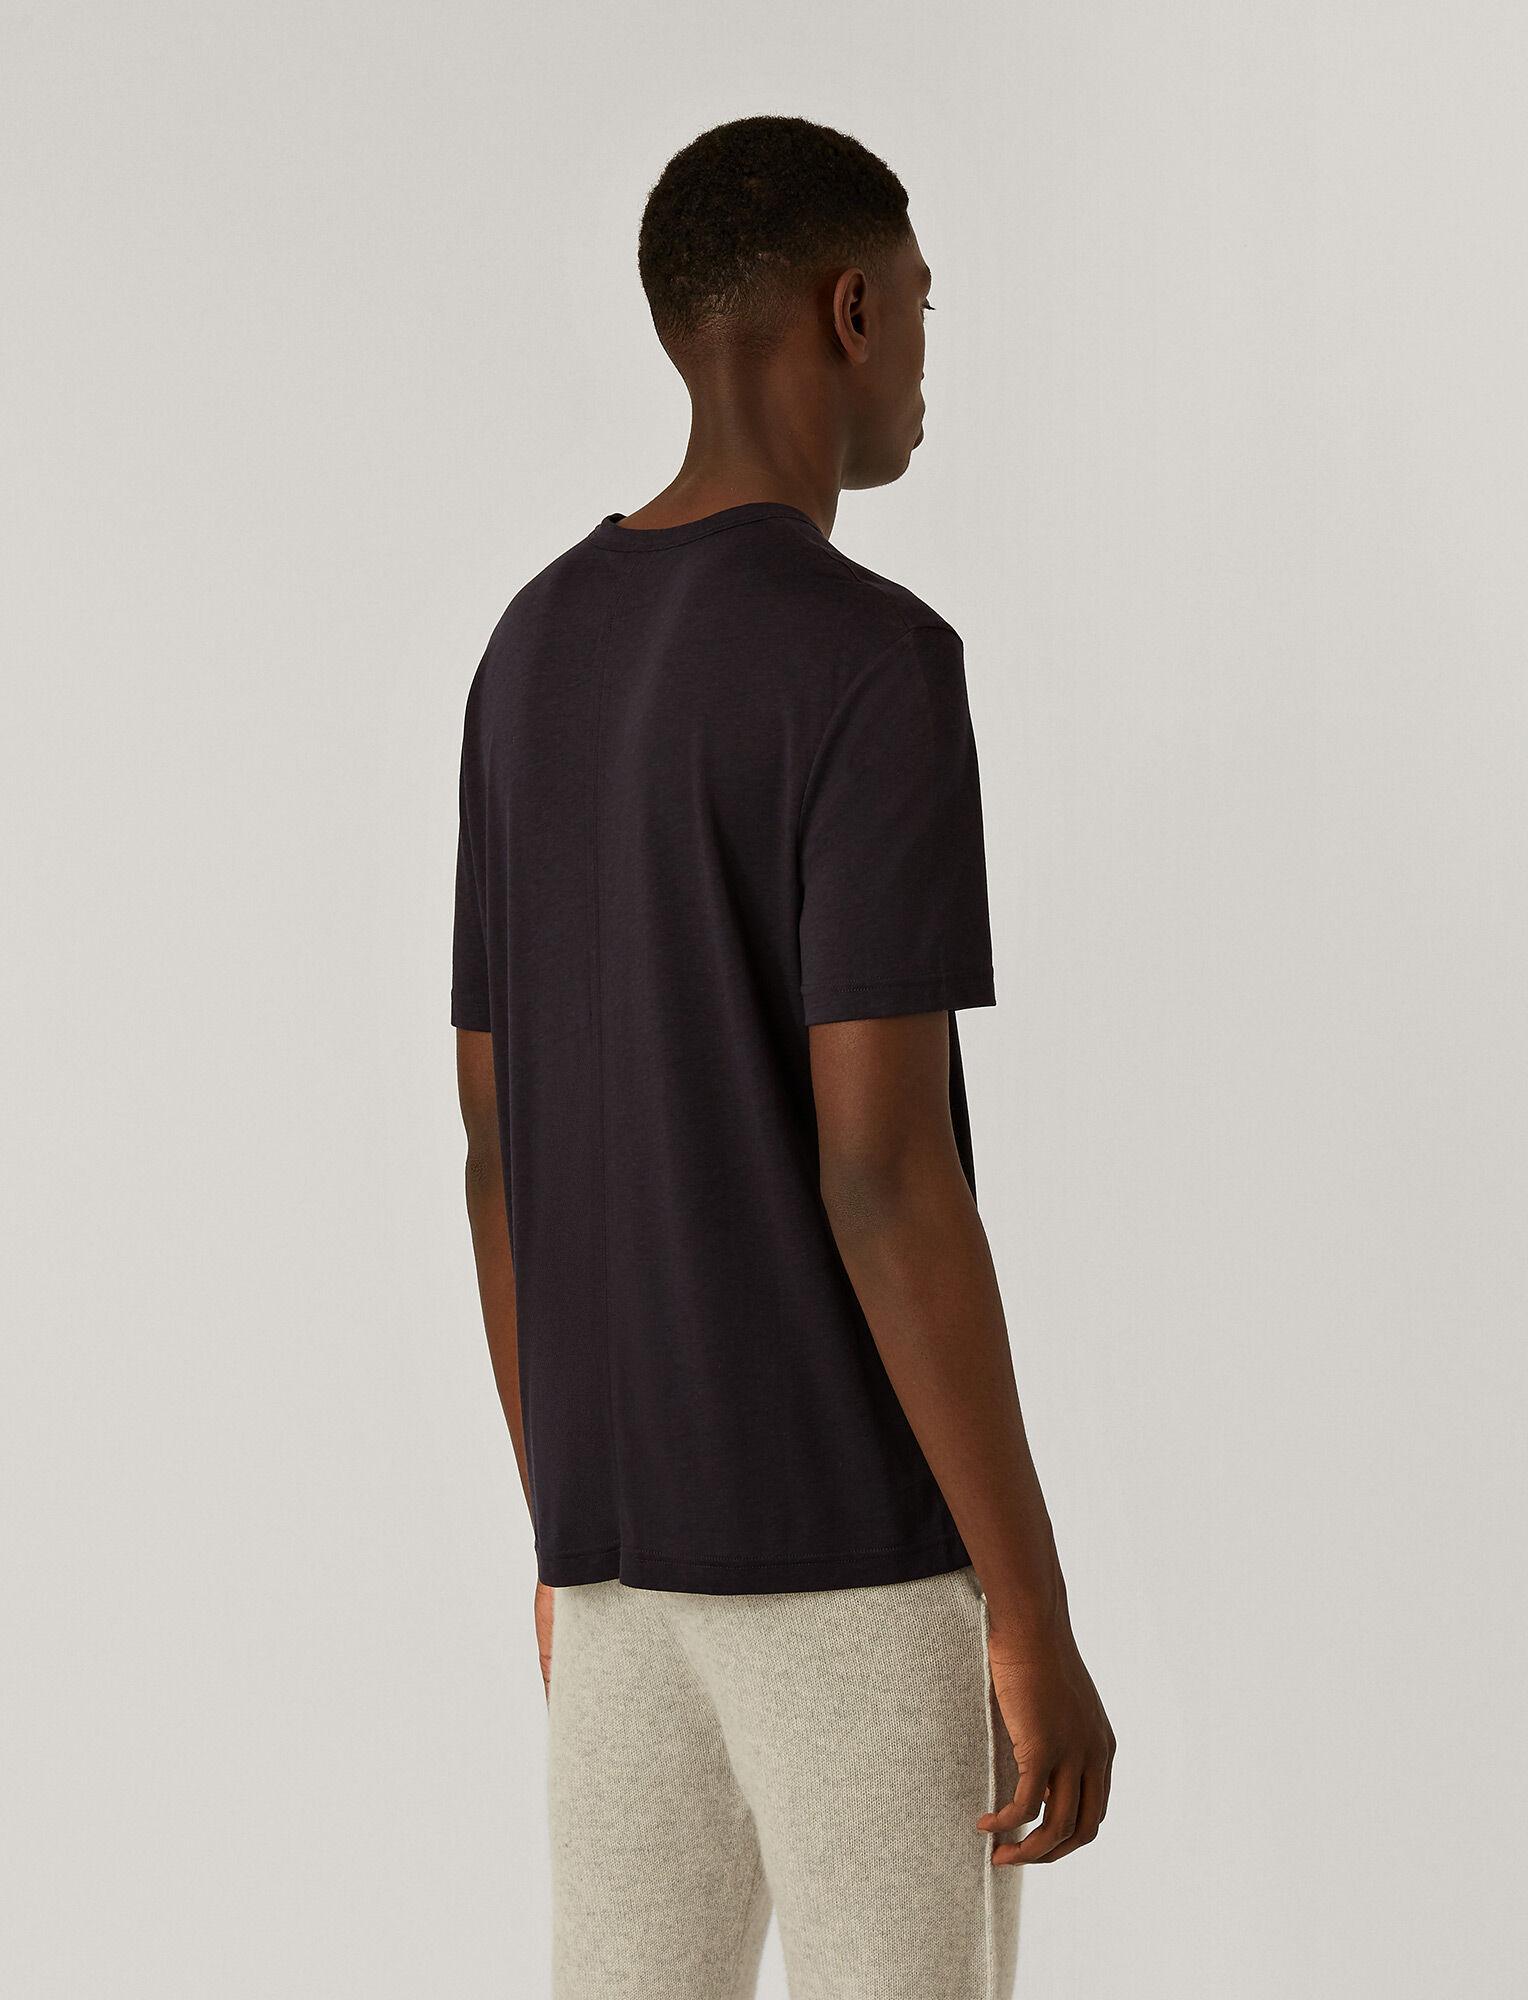 Joseph, Tee-shirt en jersey de lyocell, in NAVY